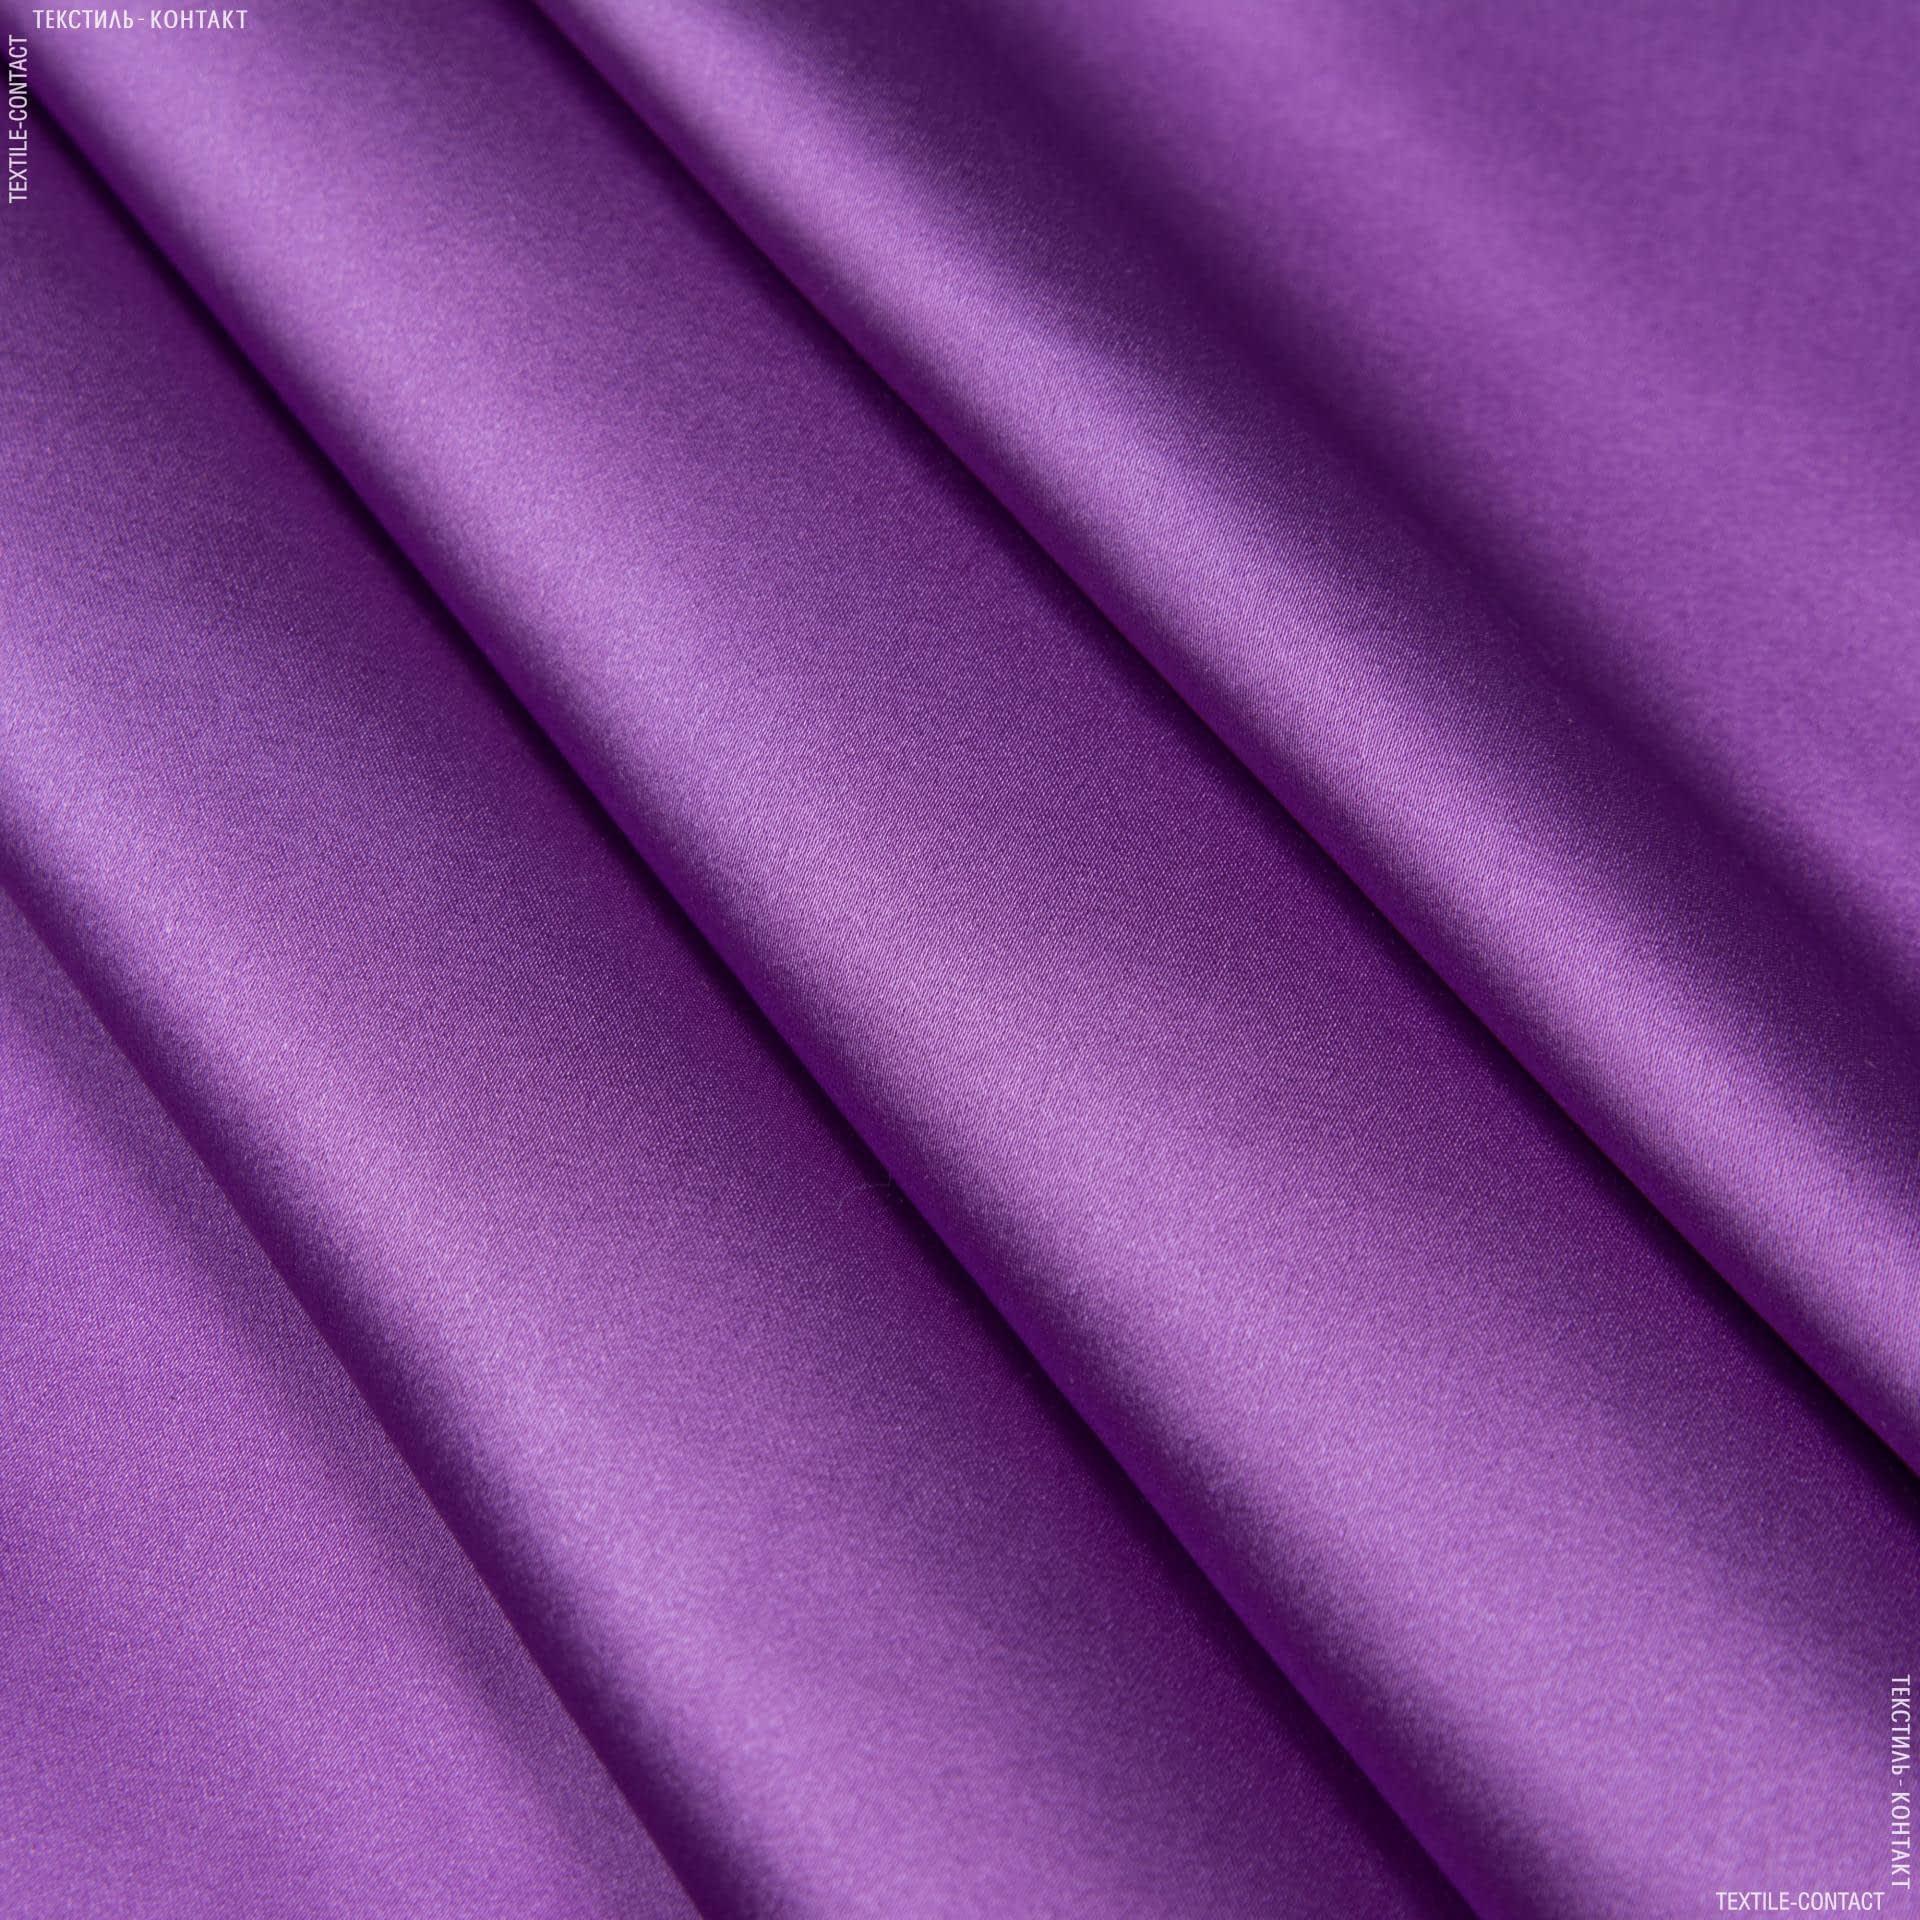 Ткани для белья - Атлас шелк стрейч светло-фиолетовый